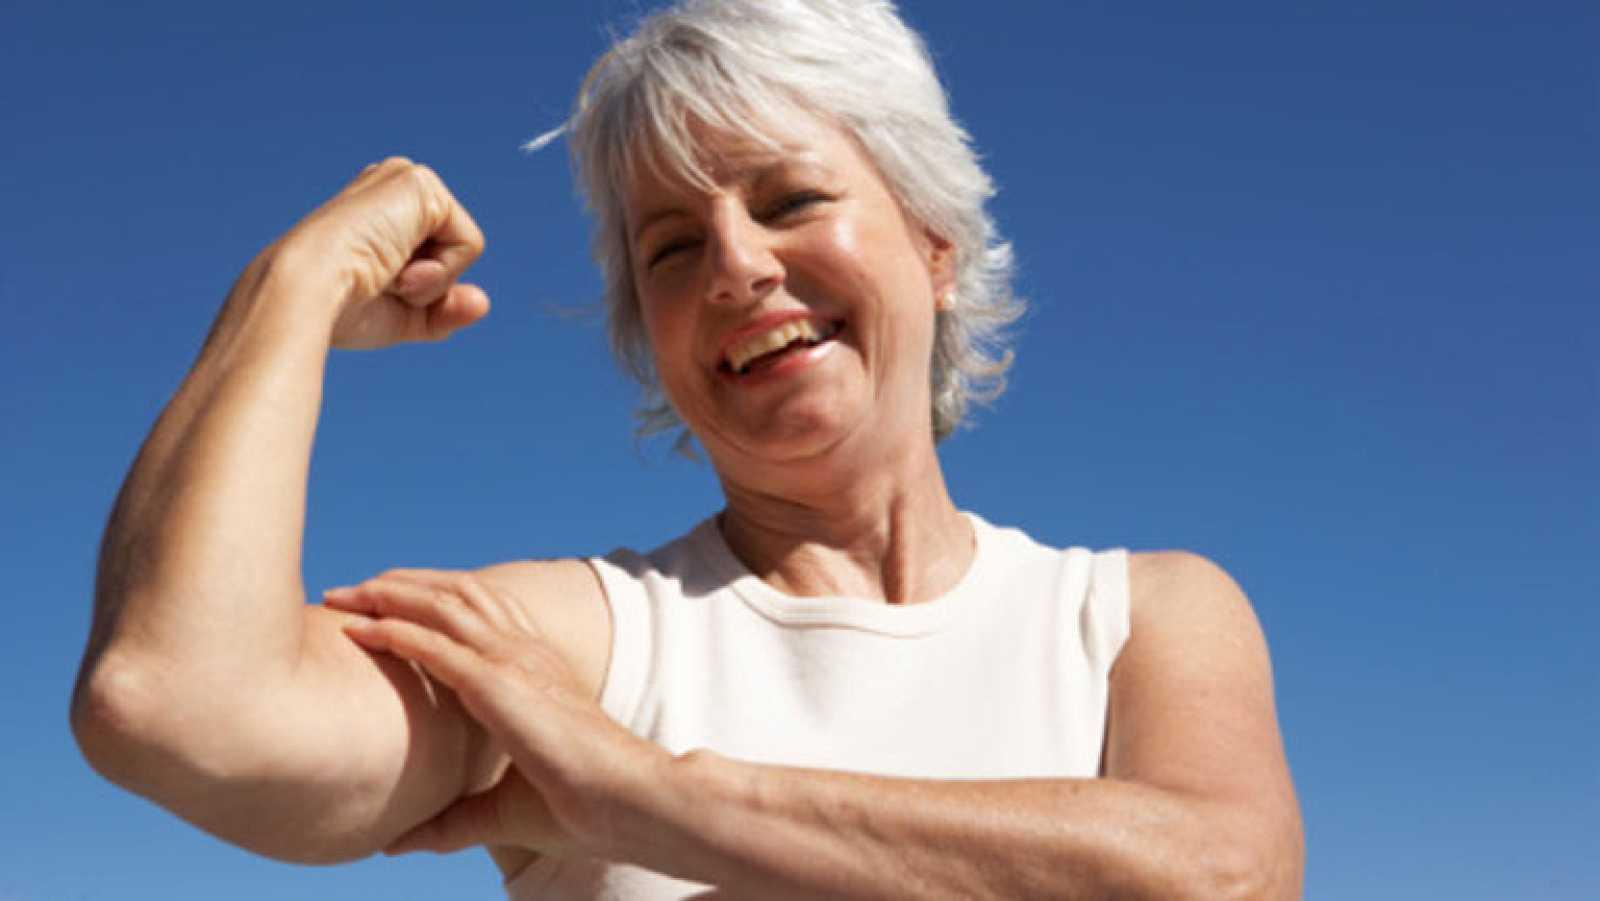 Resultado de imagen de musculos fuertes